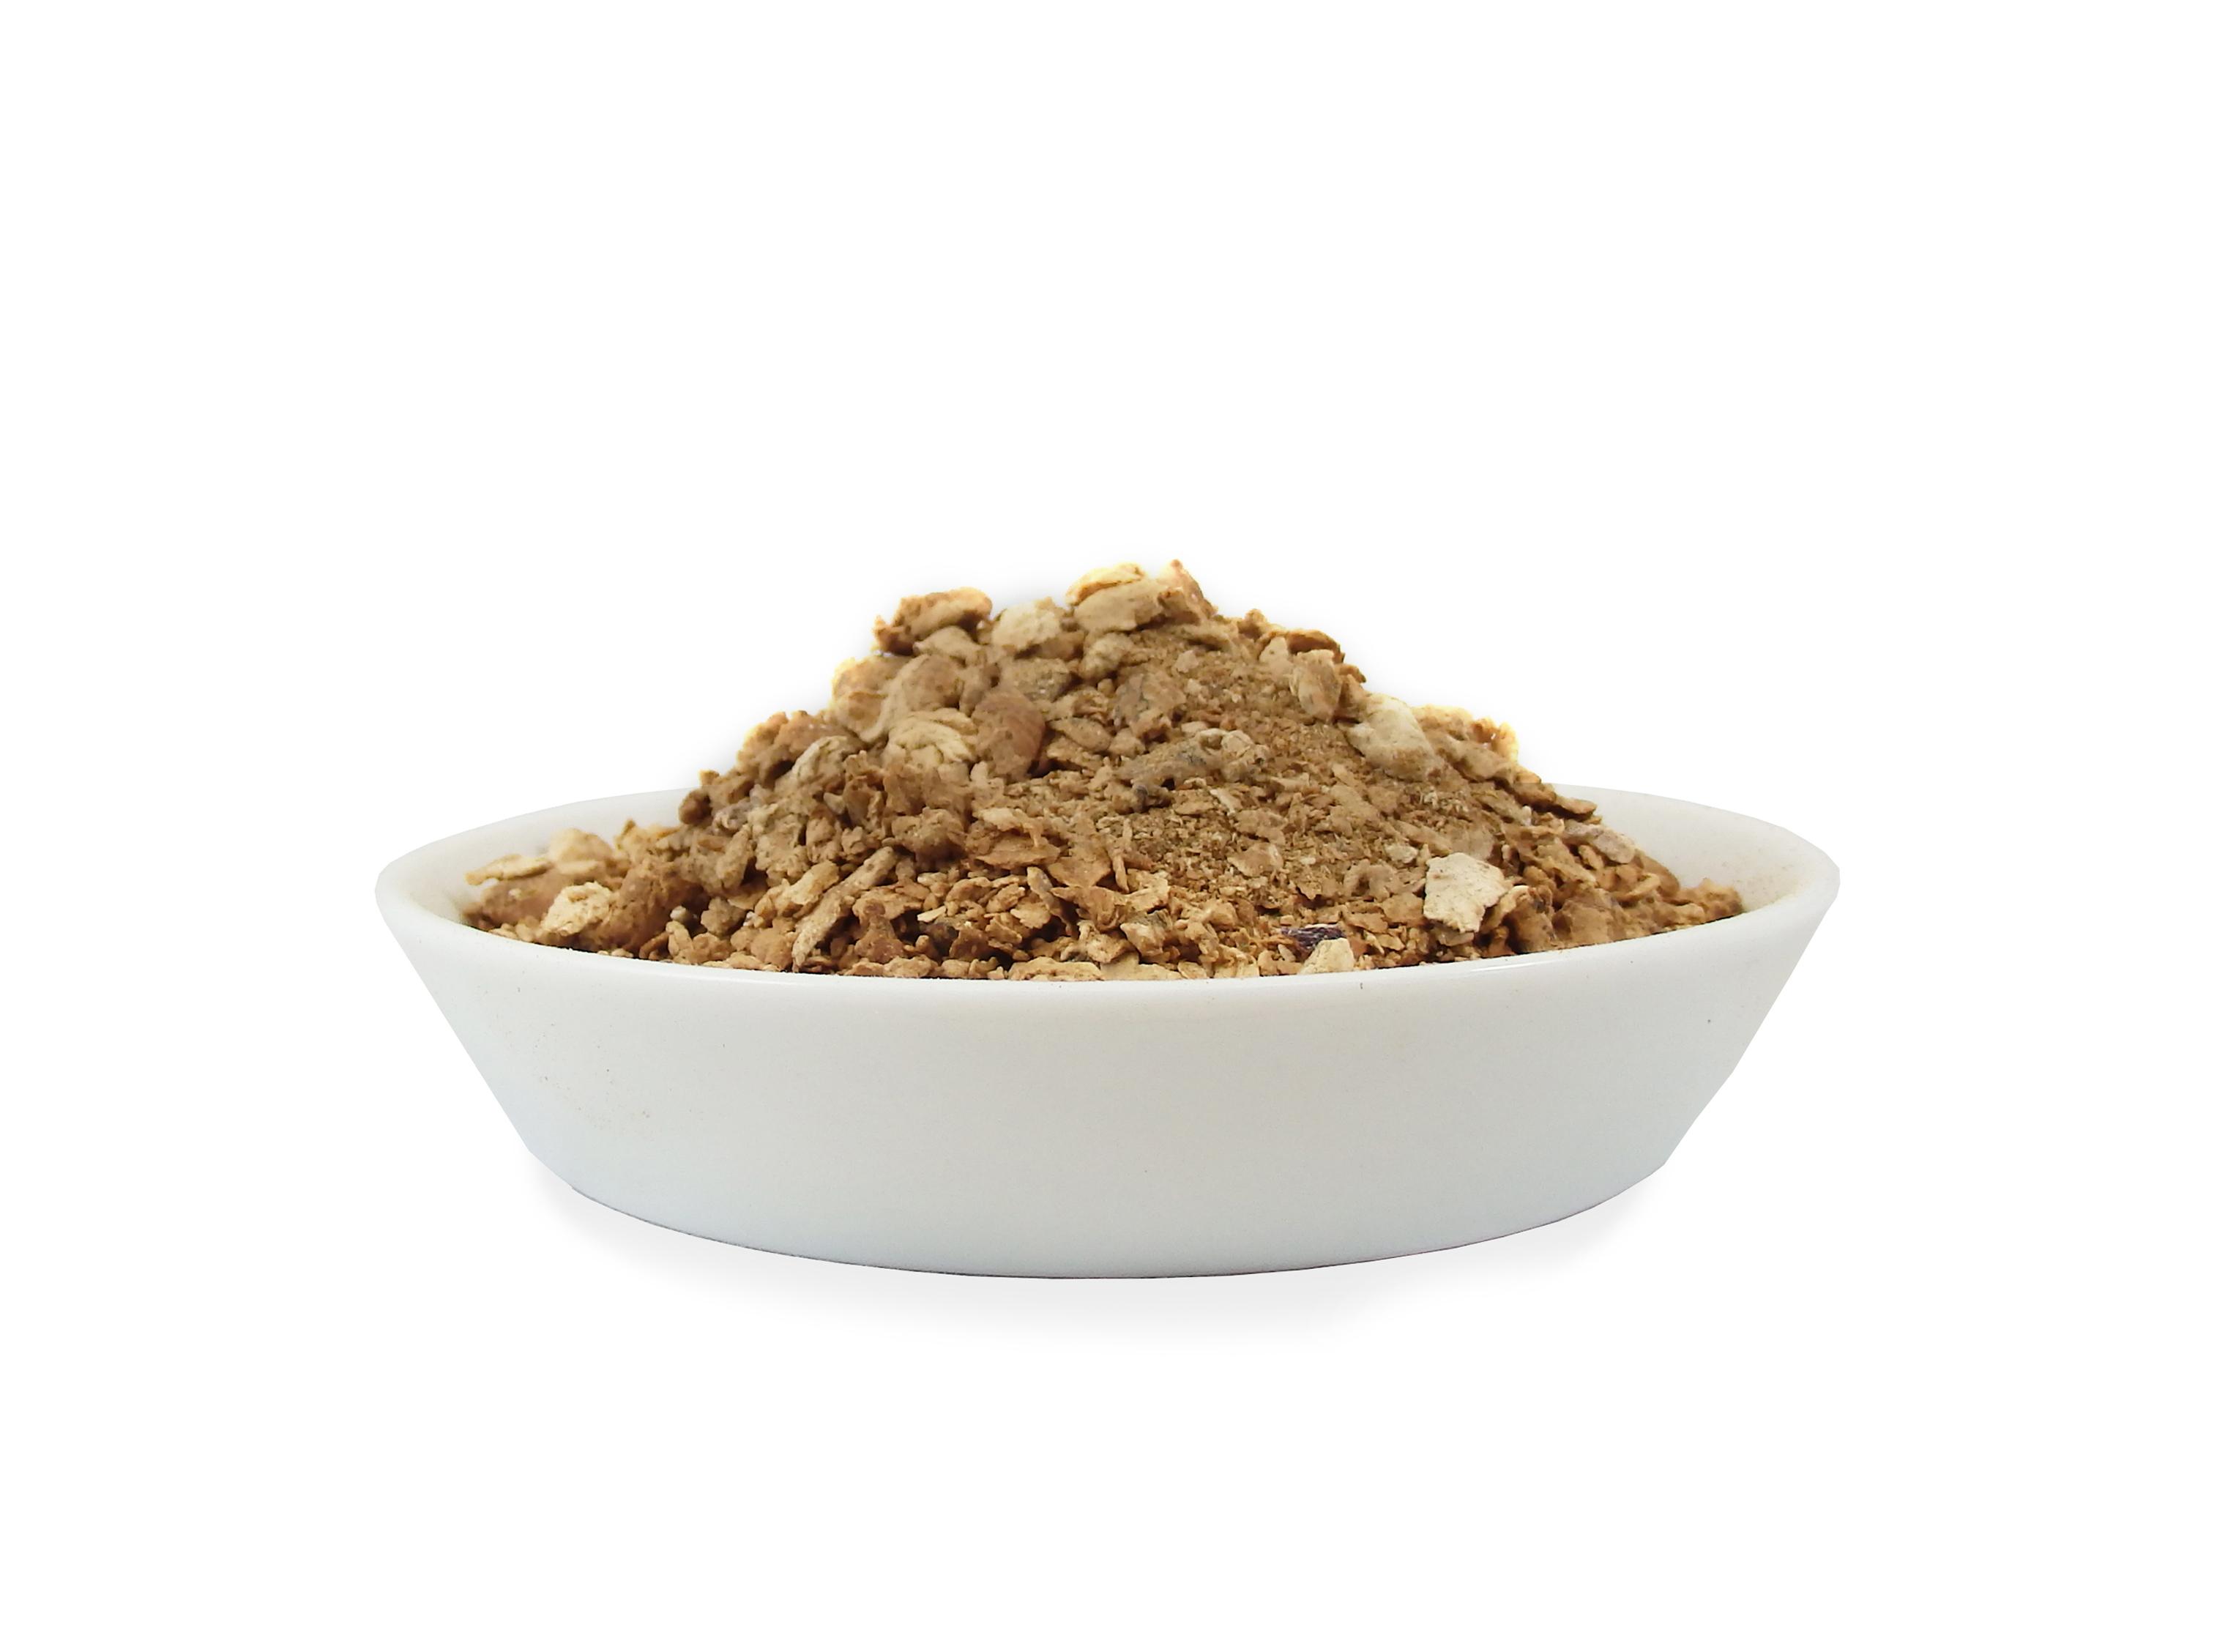 g-200-ch-gelatinzied-heritage-harvest-maca-chips-bowl.jpg